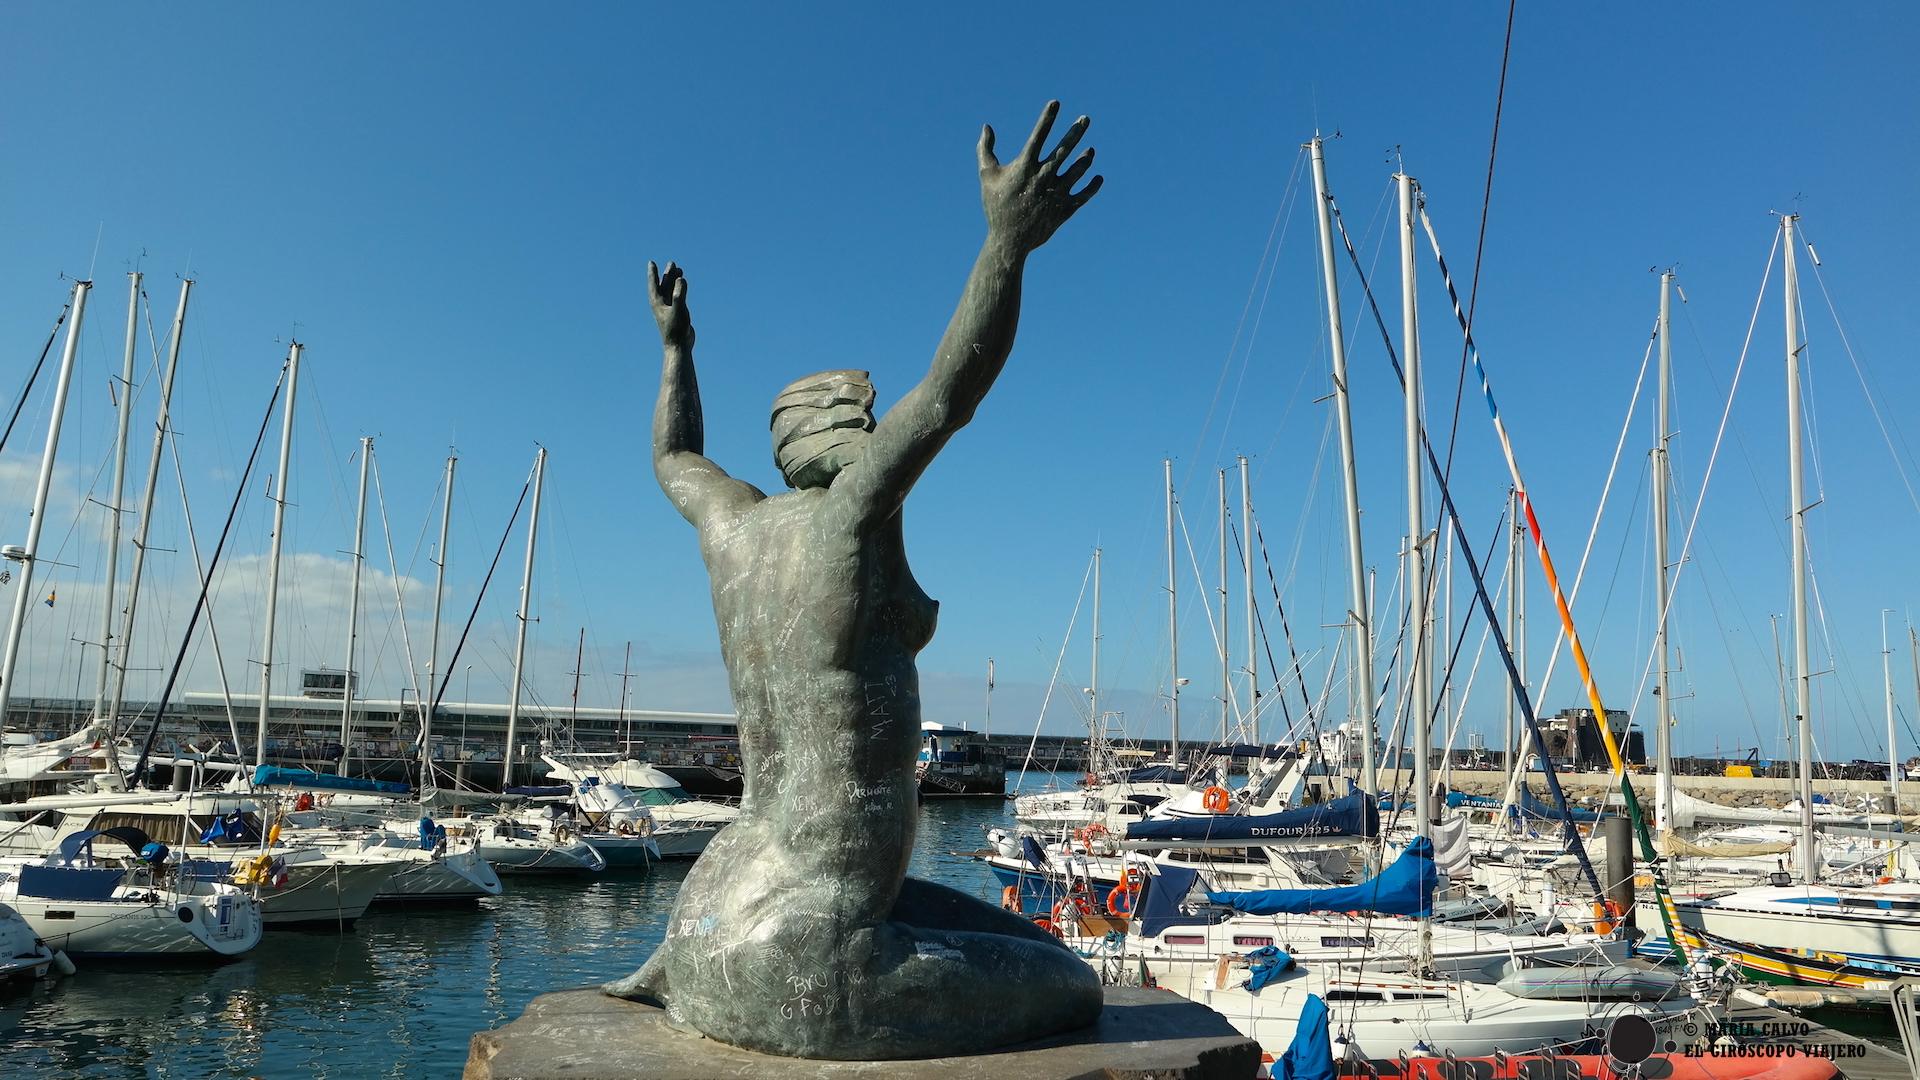 Puerto de Funchal, de ahí parten los catamaranes para avistar delfines y ballenas